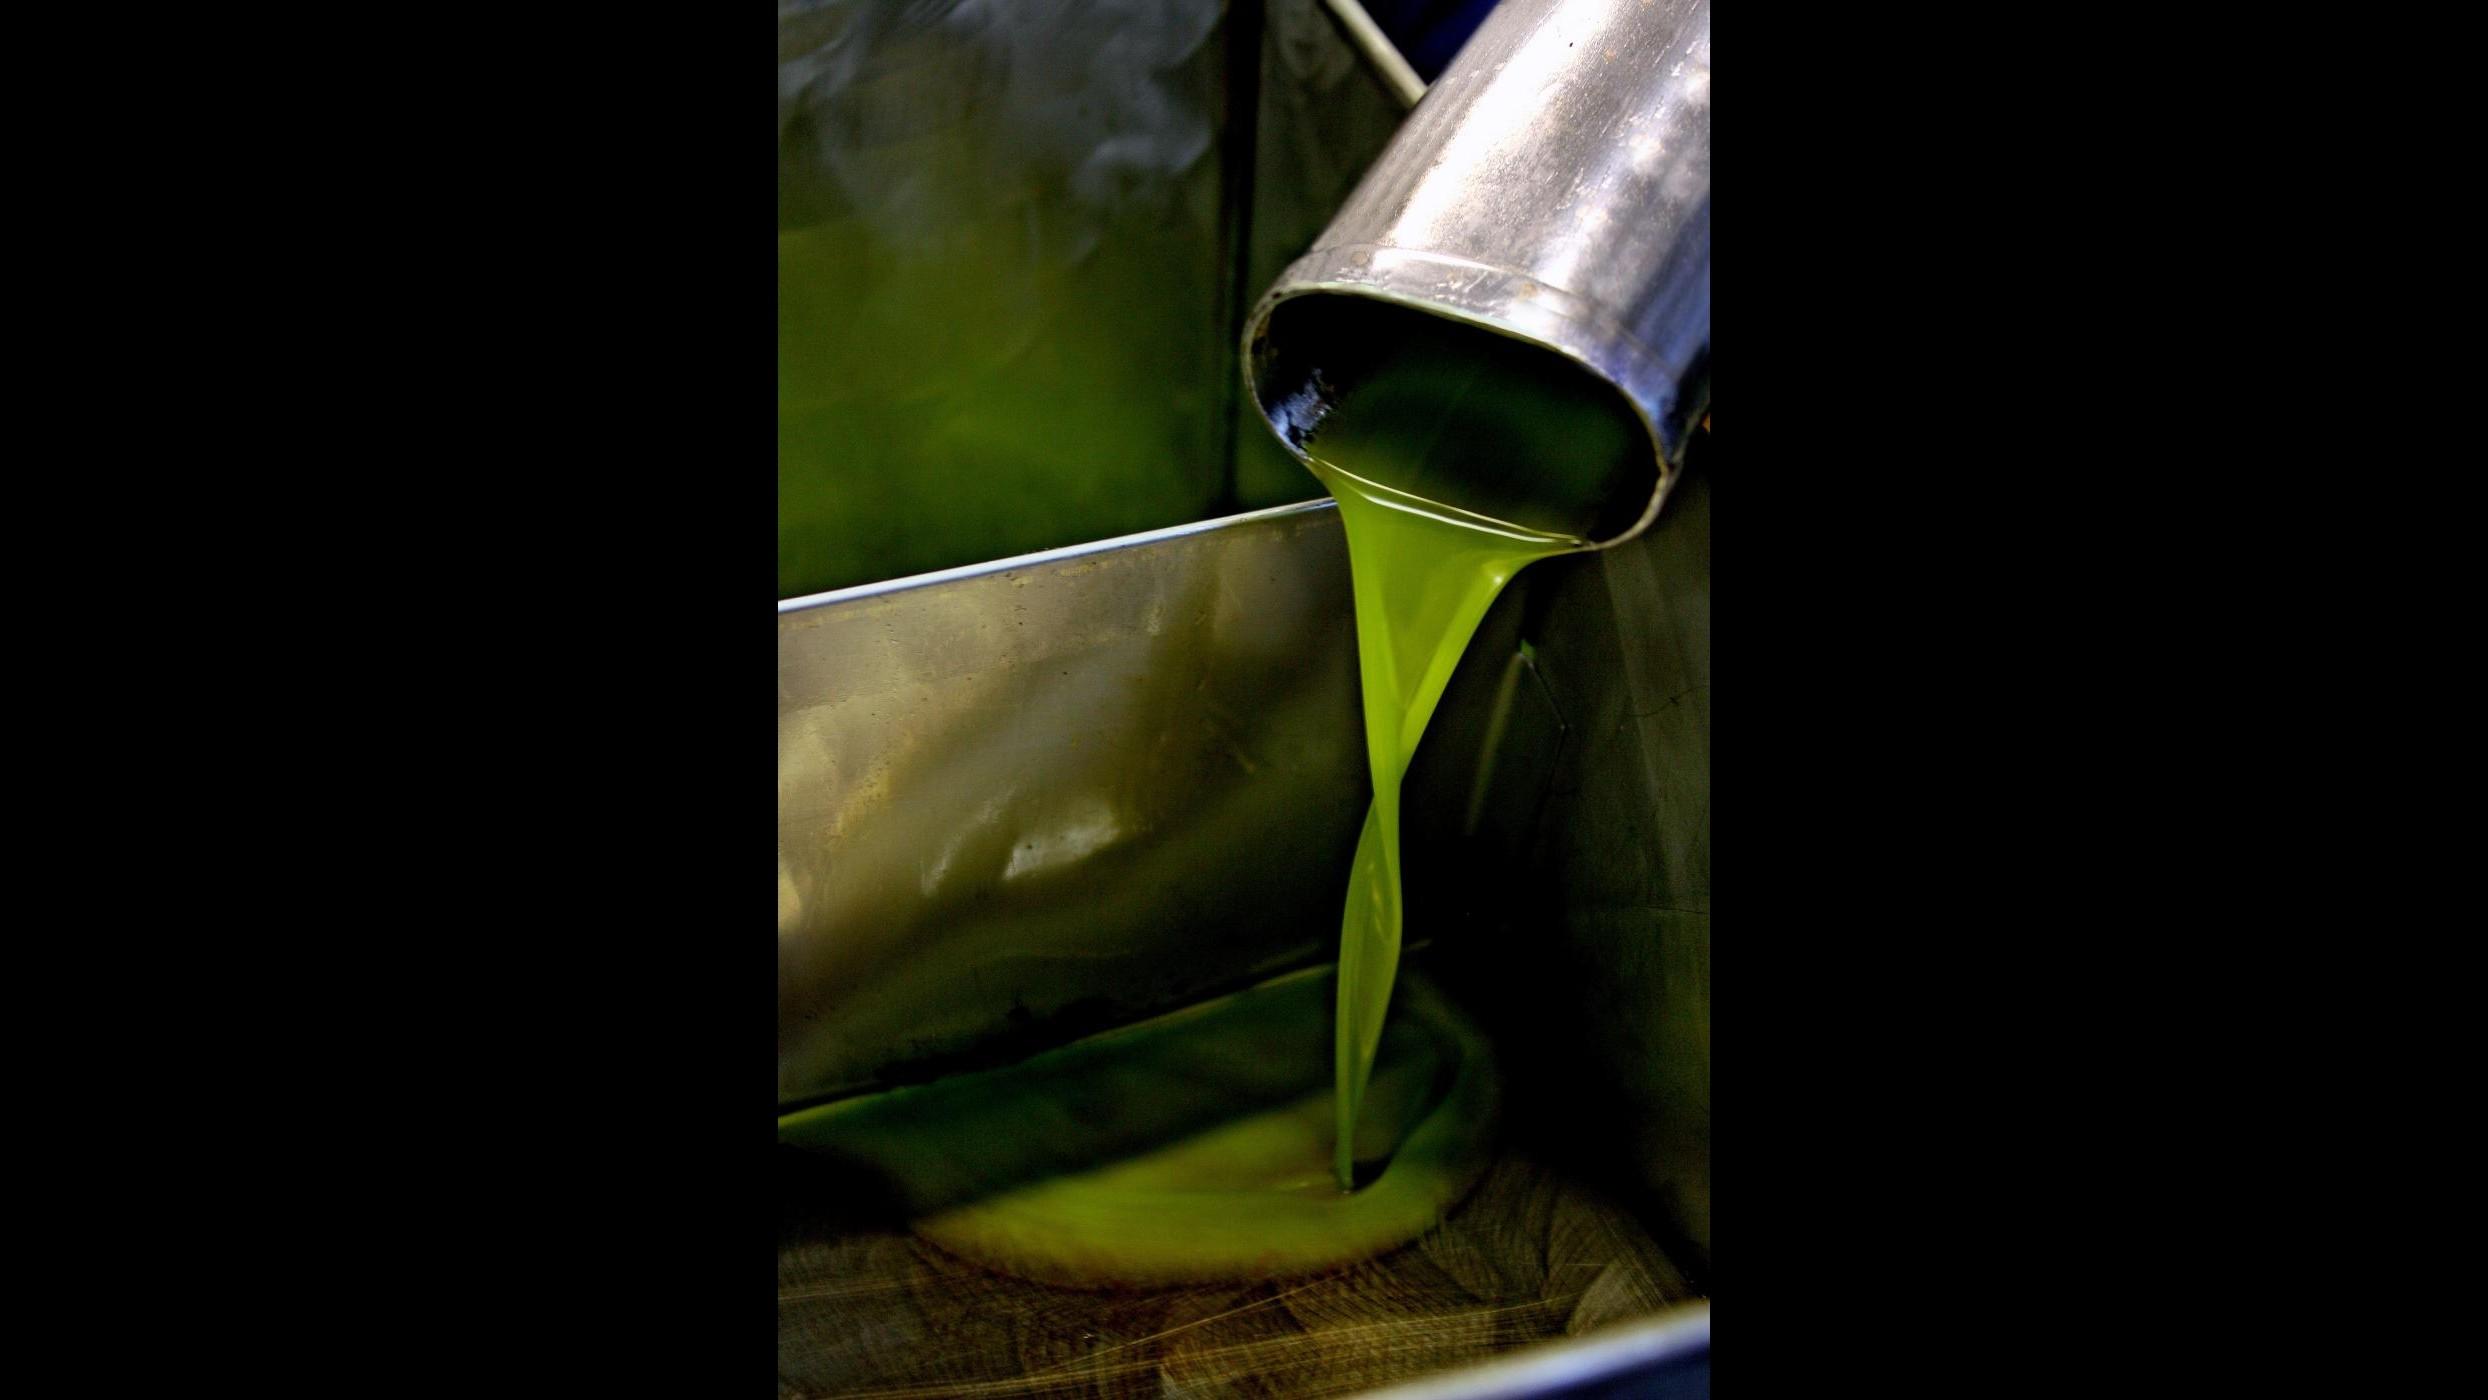 Coldiretti:Difendere da frodi 400mila tonnellate di olio Made in Italy